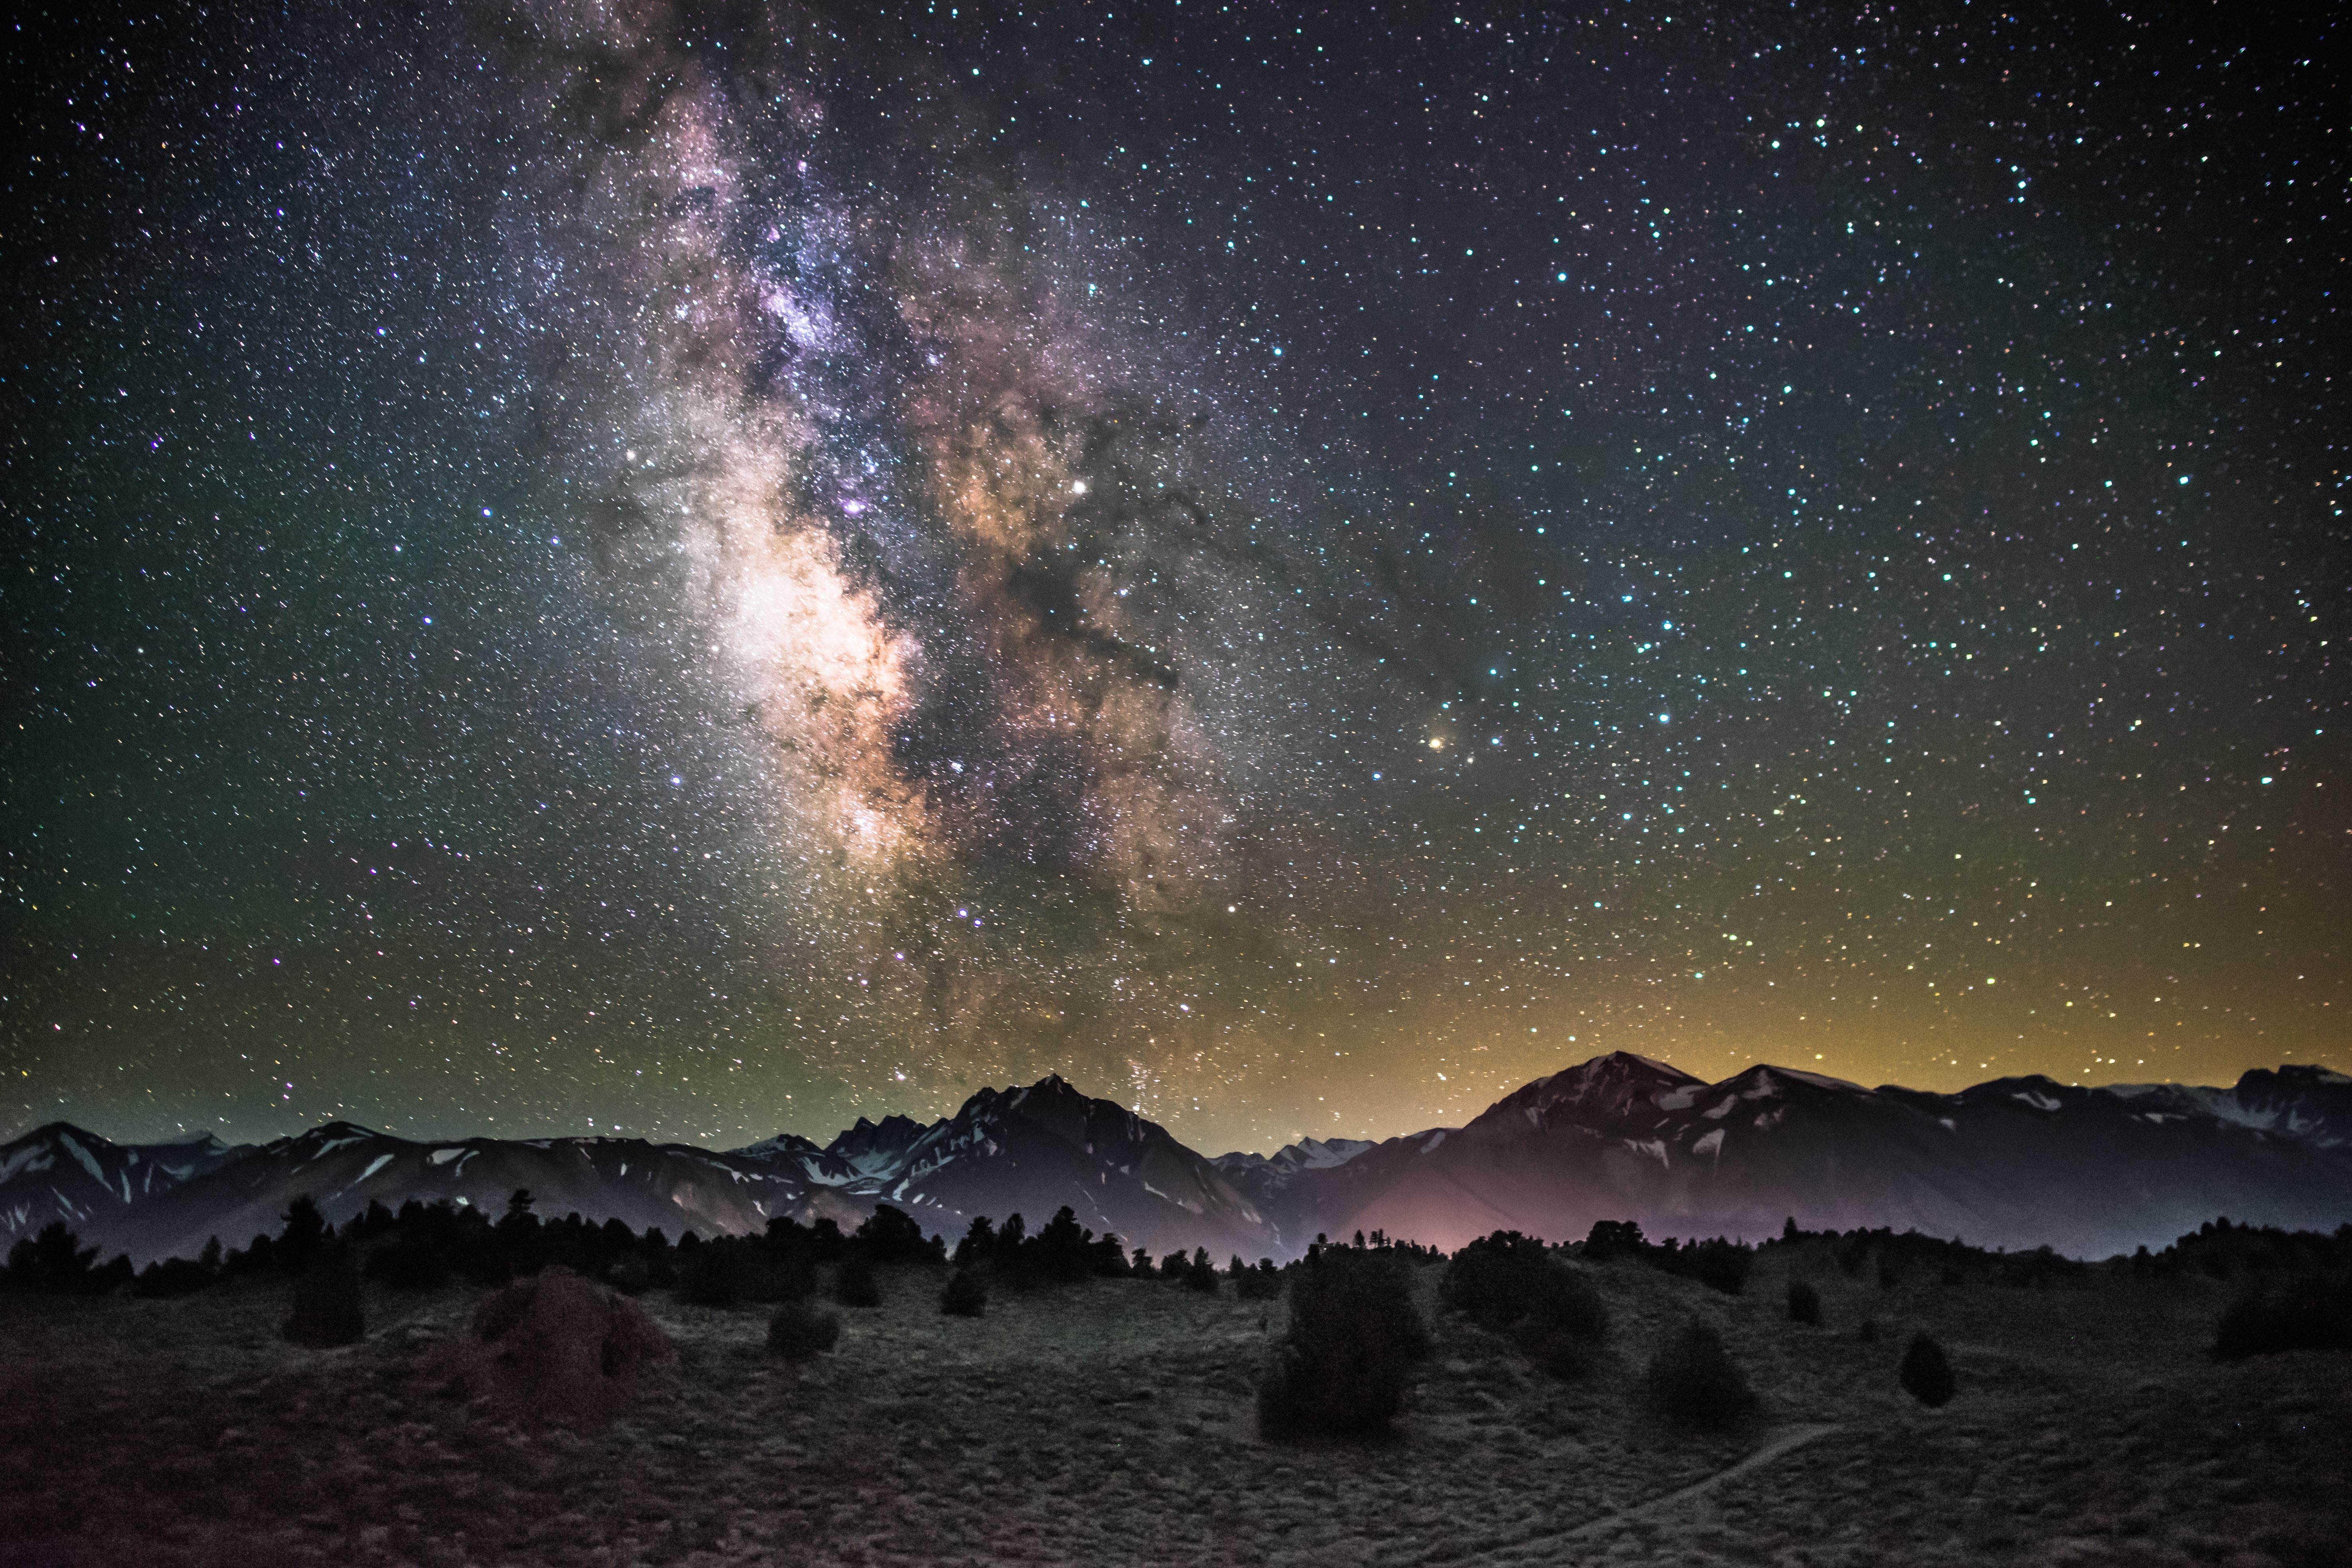 поздравления картинки ночного неба на рабочий являюсь большим